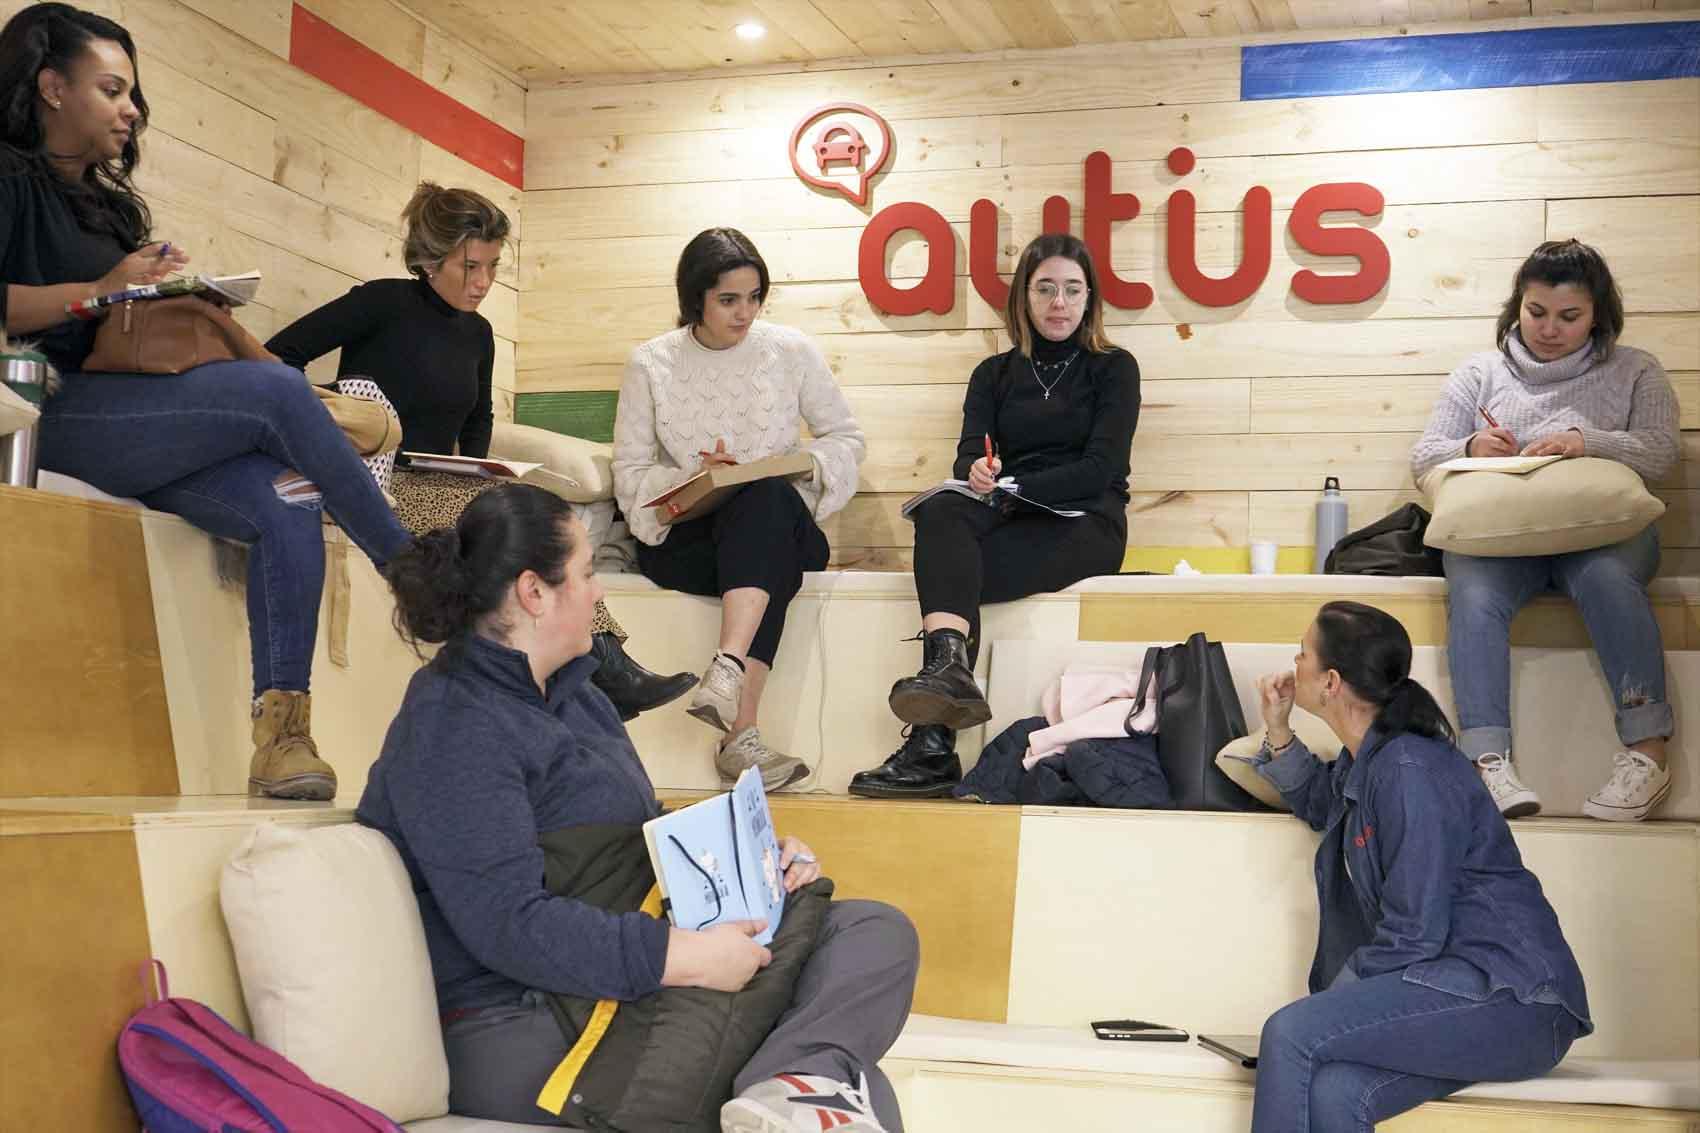 aula conversacion teorica autius madrid arguelles